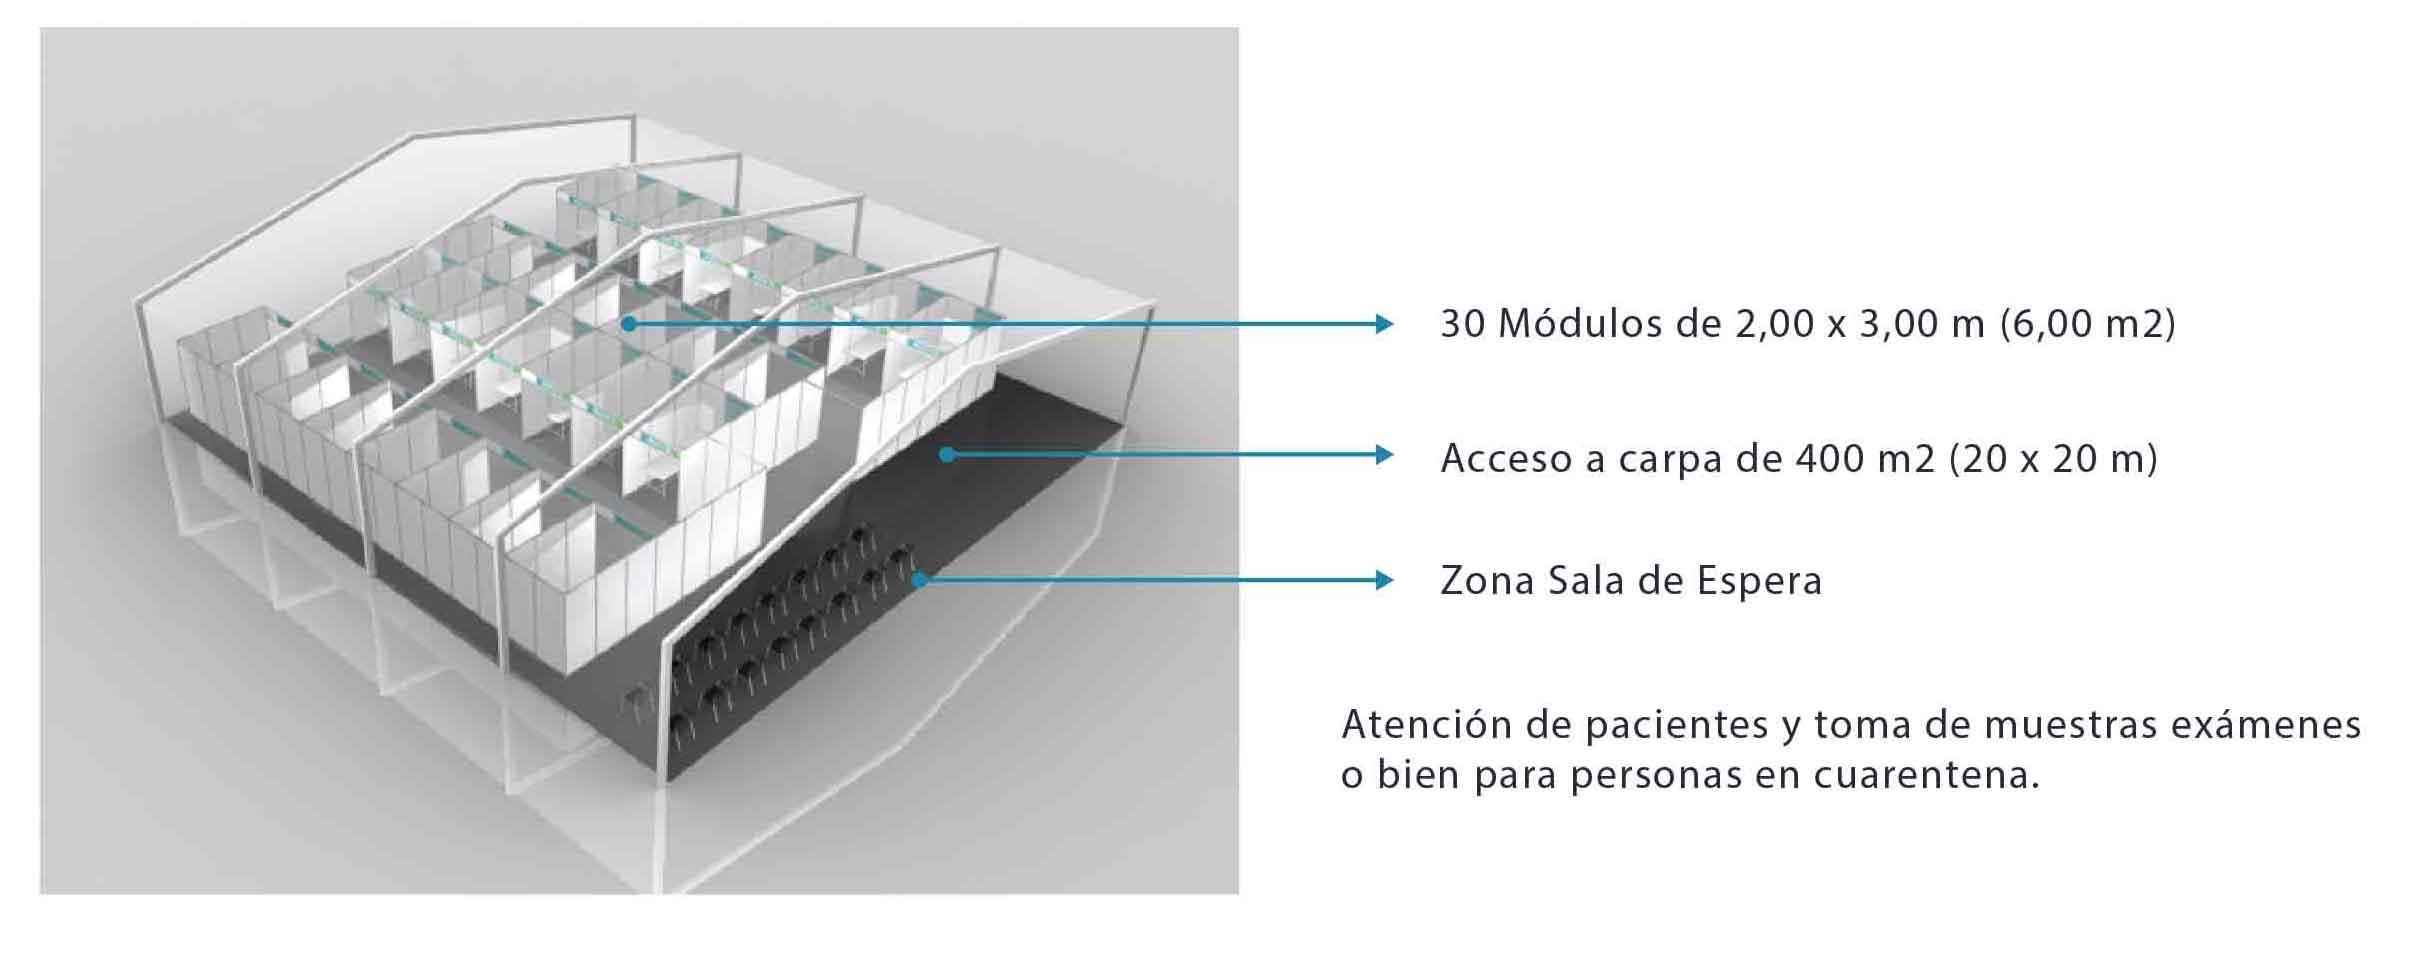 arriendo-carpa-stand-modulaciones-interiores